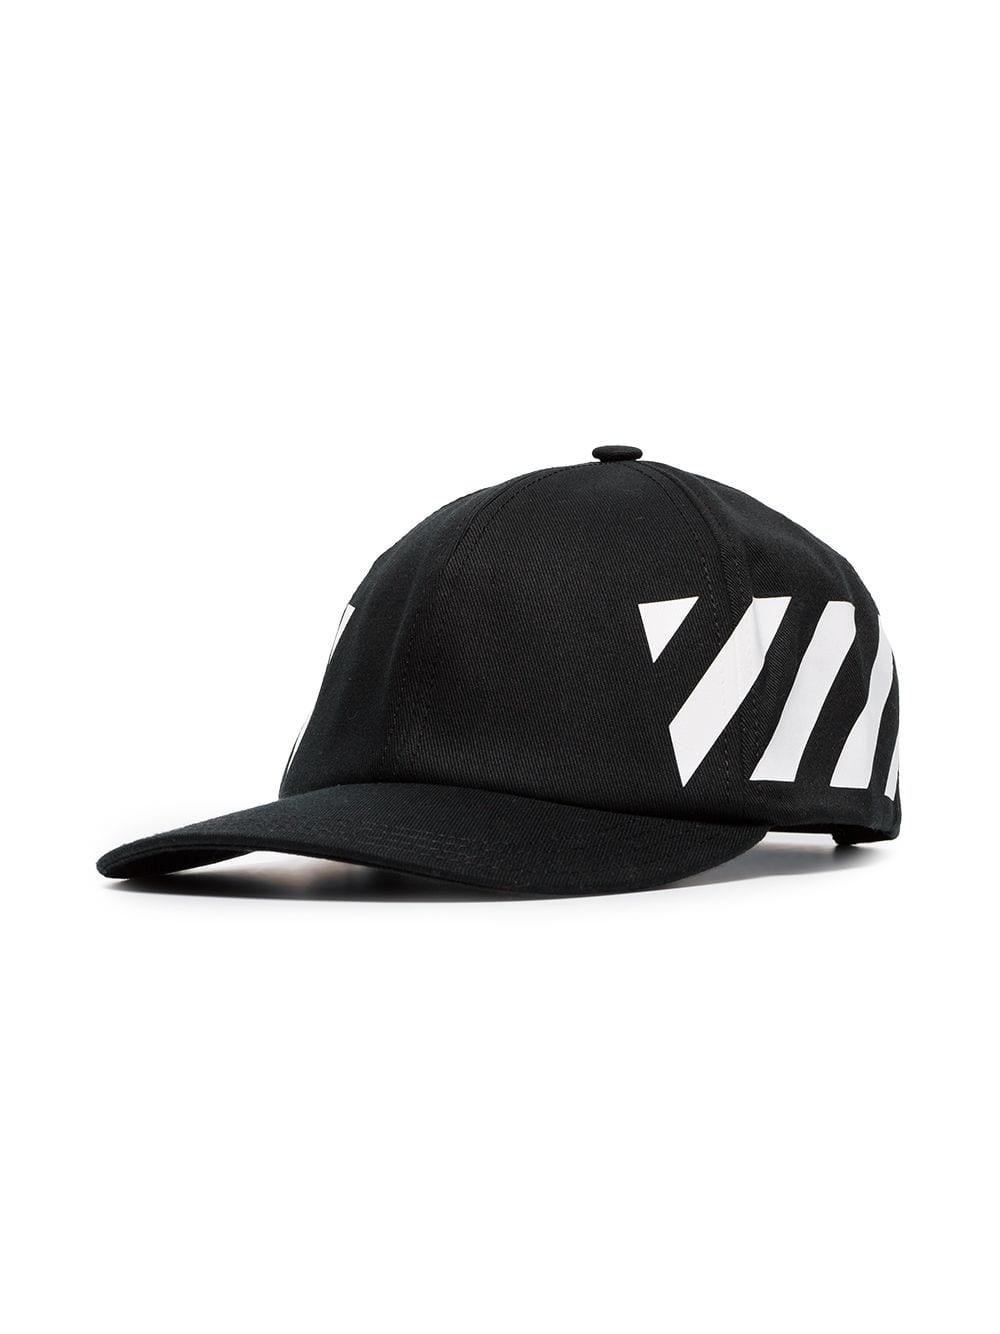 diag baseball cap